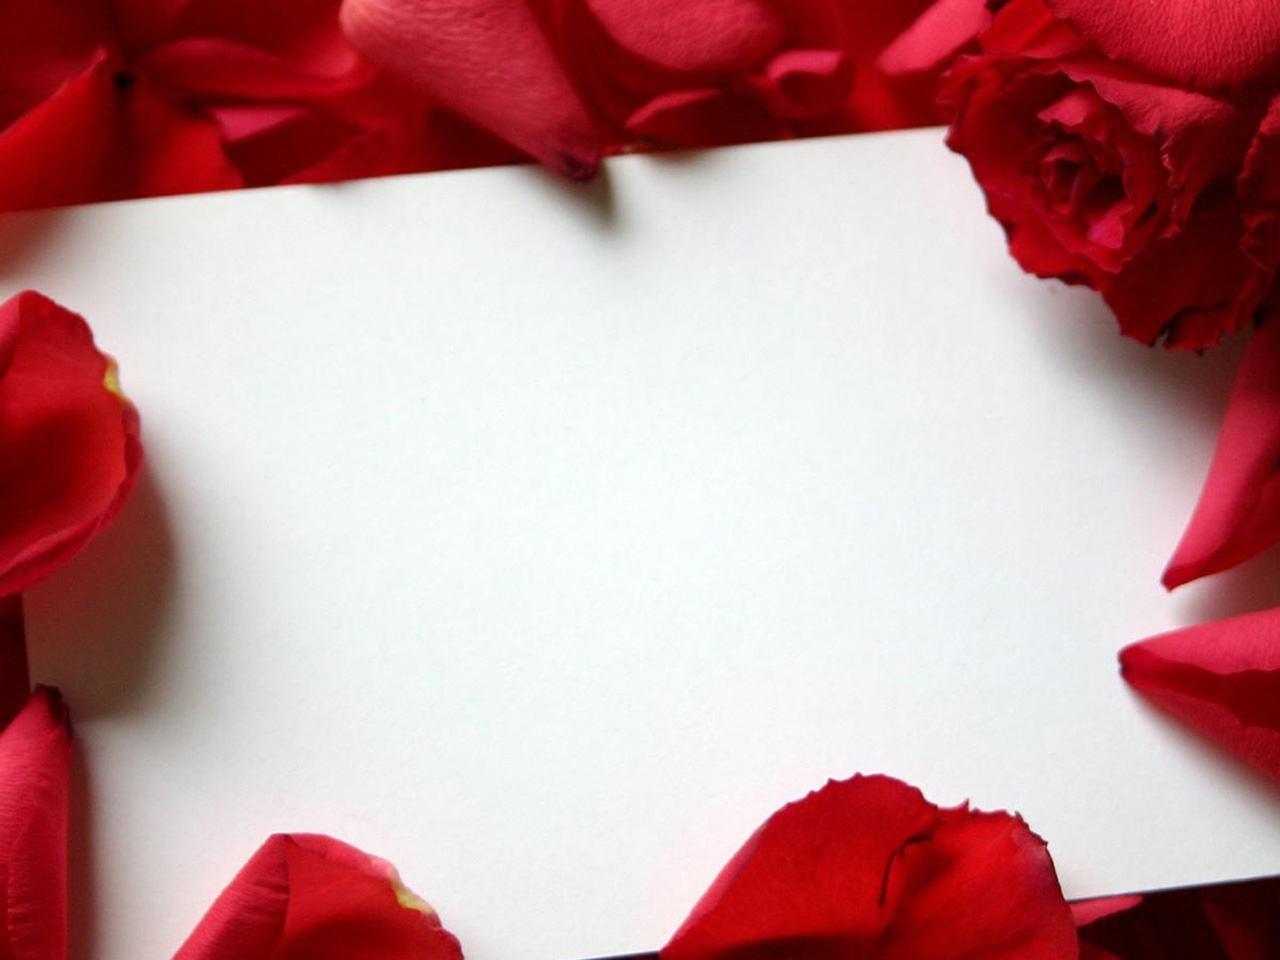 Description Roses Love Letter 1280x960 Wallpapers 1280x960